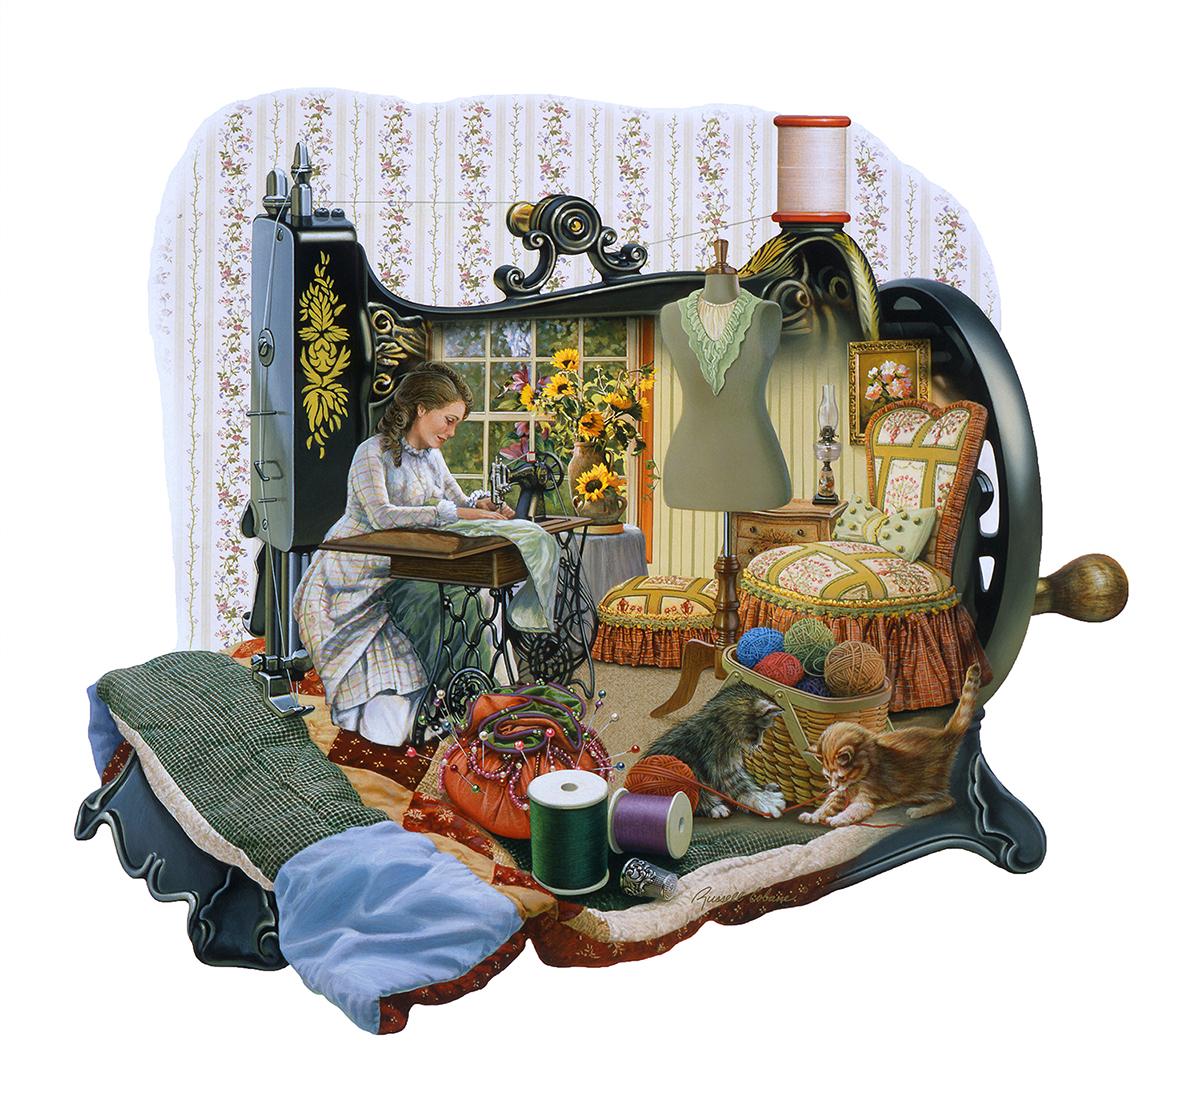 Sewing Memories